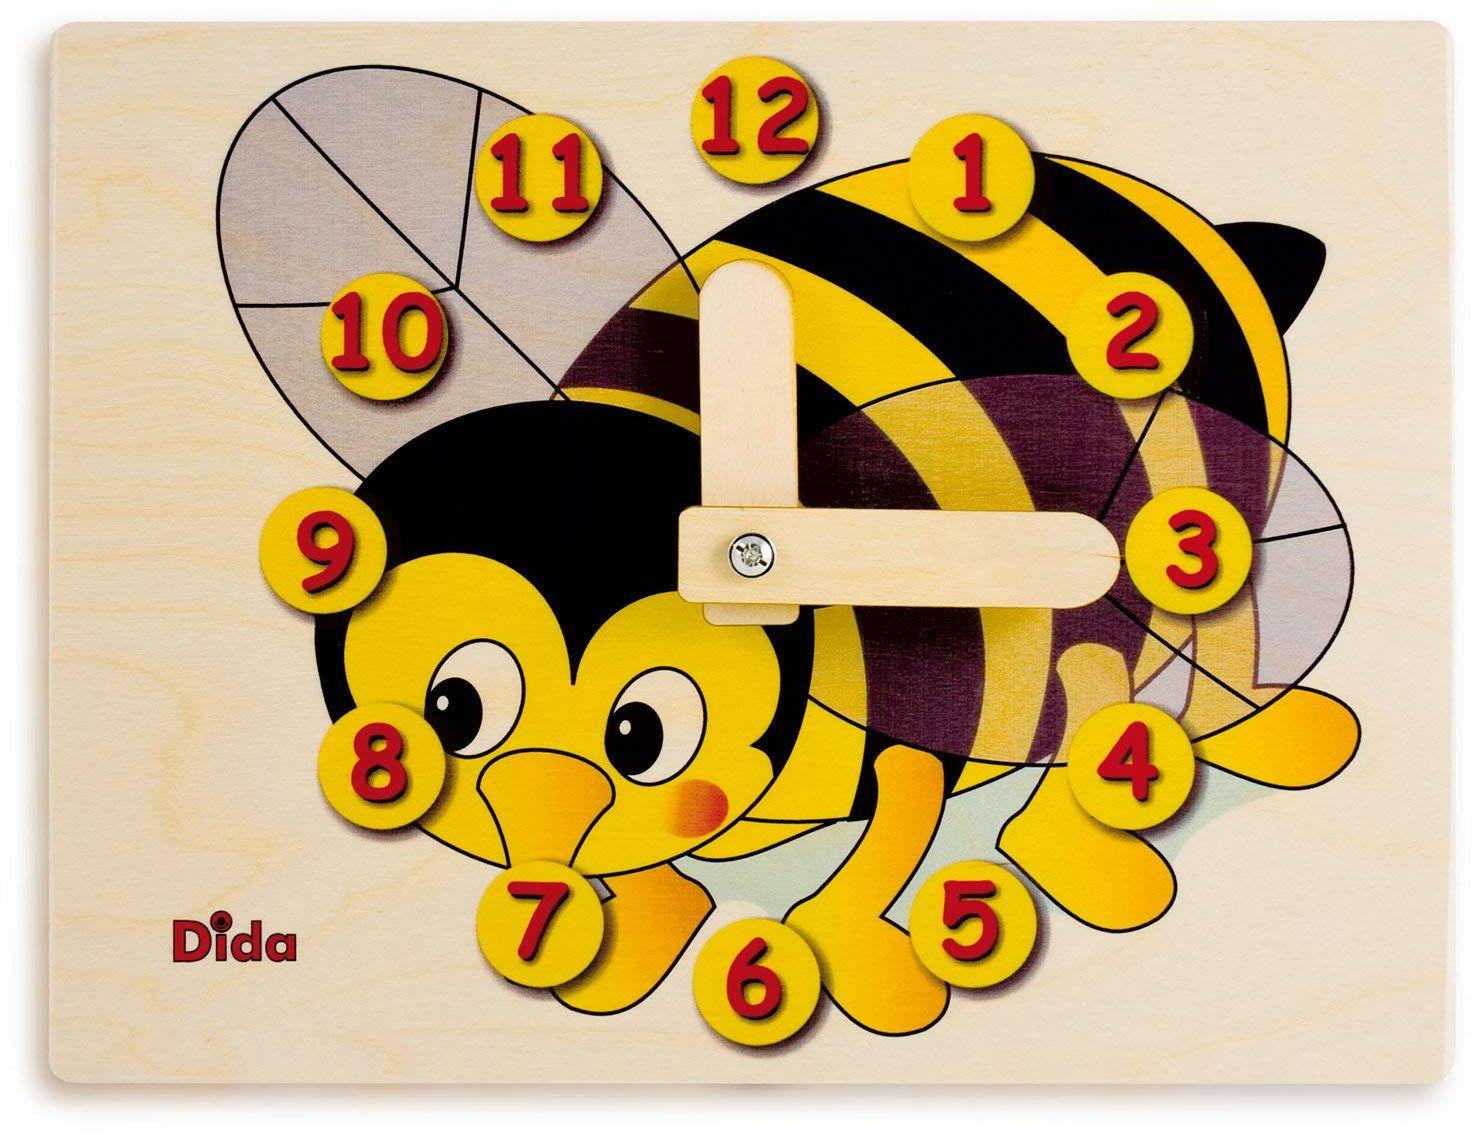 Dida - Zegarek do nauki dla dzieci - pszczoła - zabawny zegar do nauki dzieci, z drewna do przedszkola, szkoły i domu